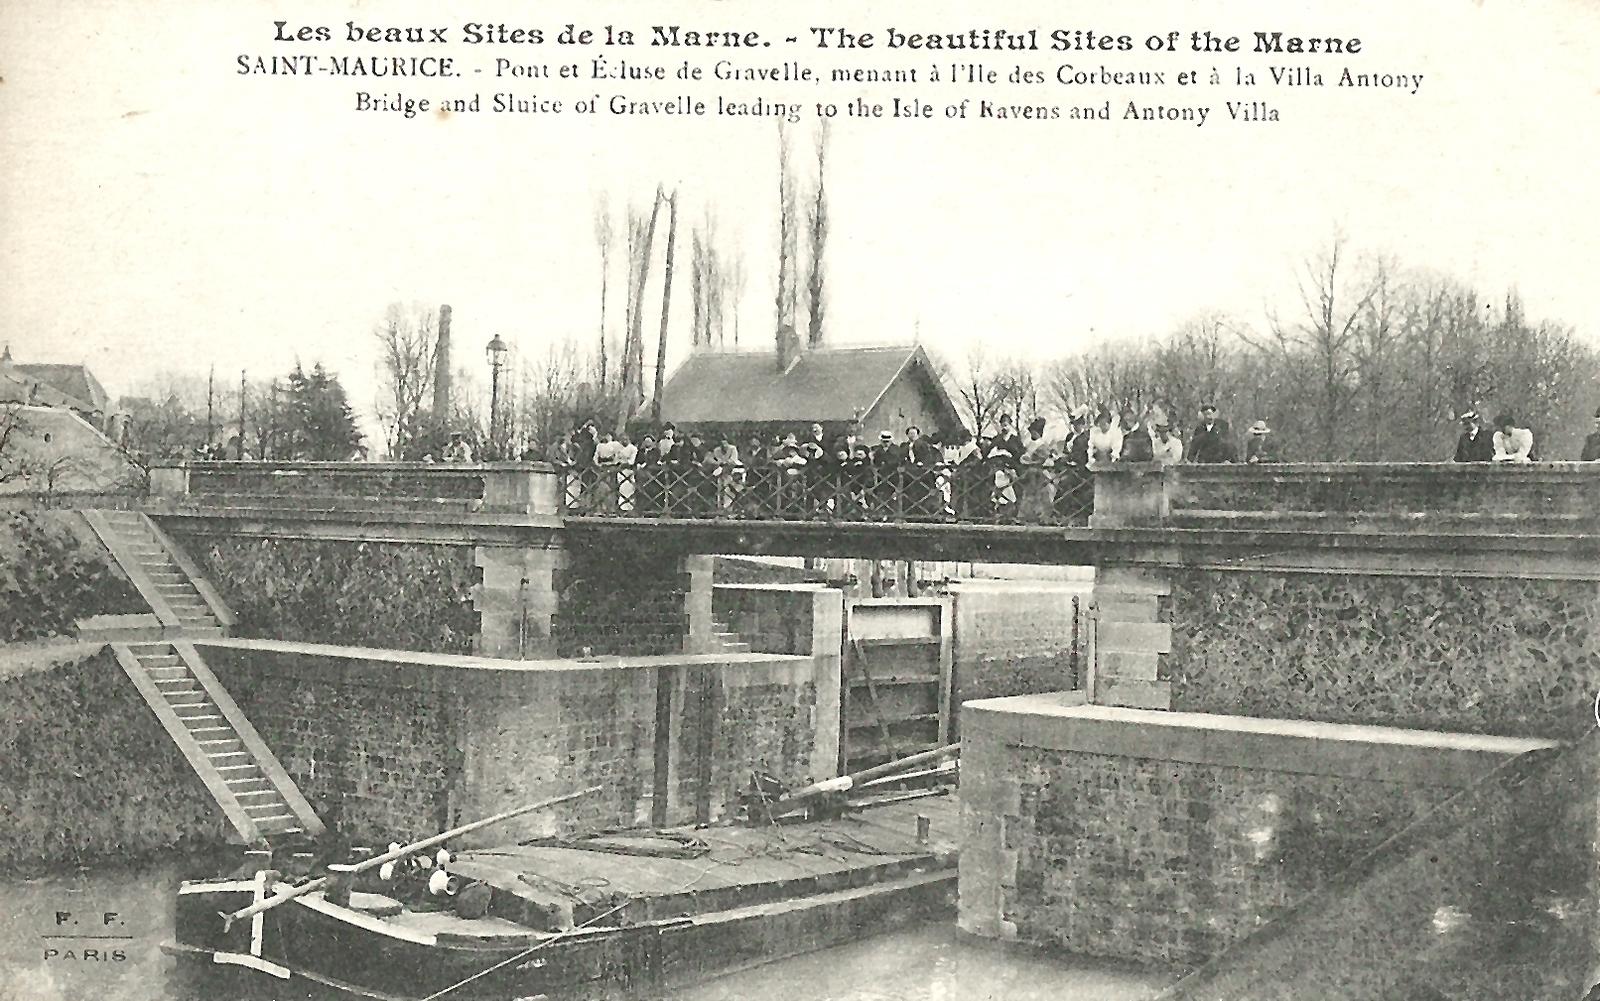 Saint-Maurice - Pont et écluse de Gravelle